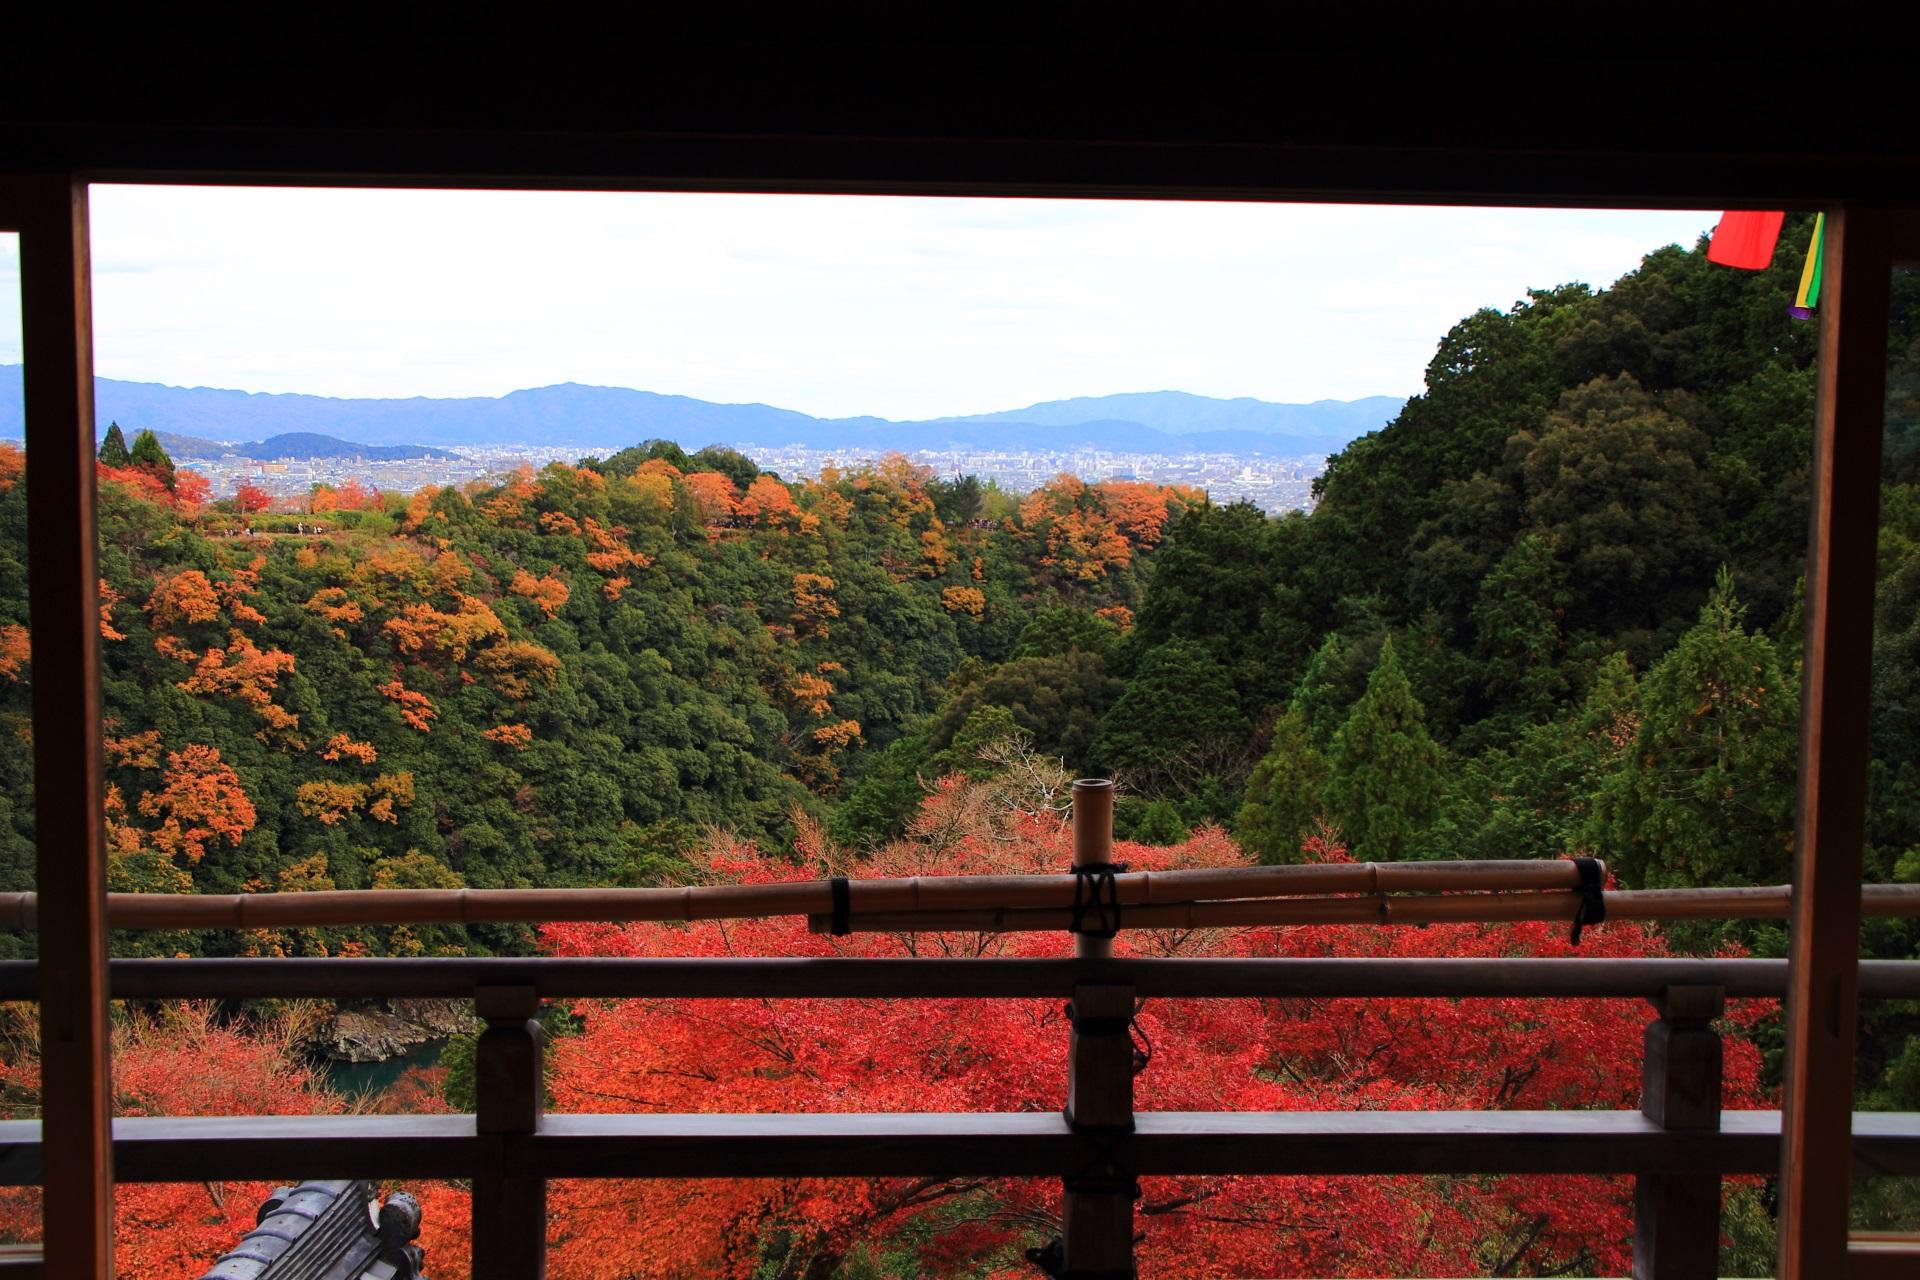 爽やかな秋風の感じられる大悲閣千光寺の紅葉